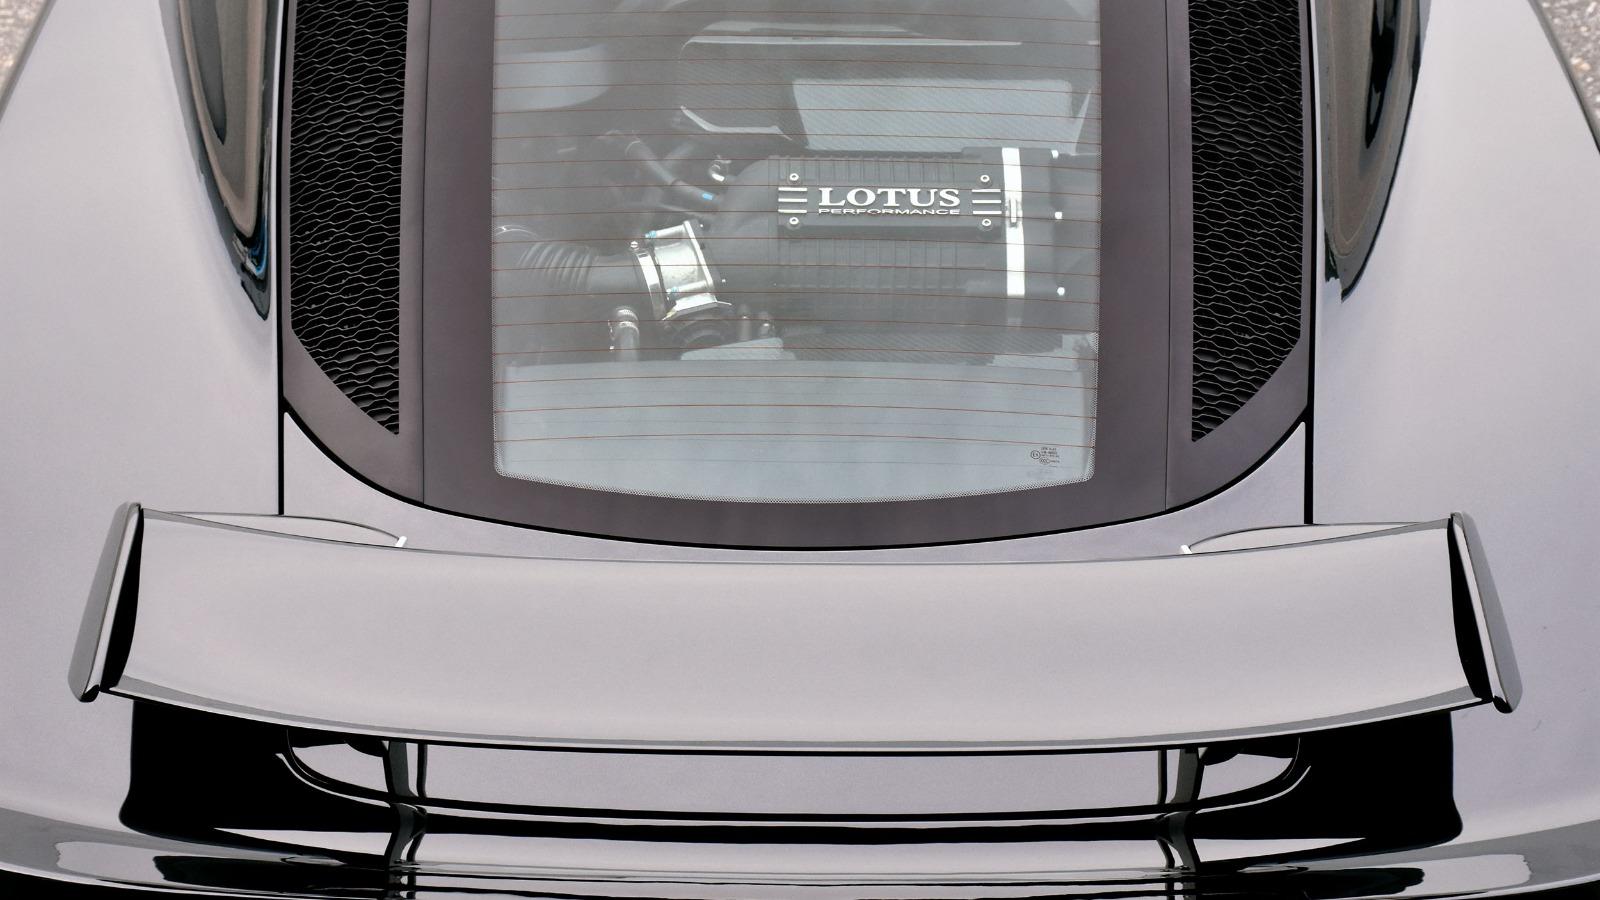 Motoren er synlig gjennom glasset på bakluken